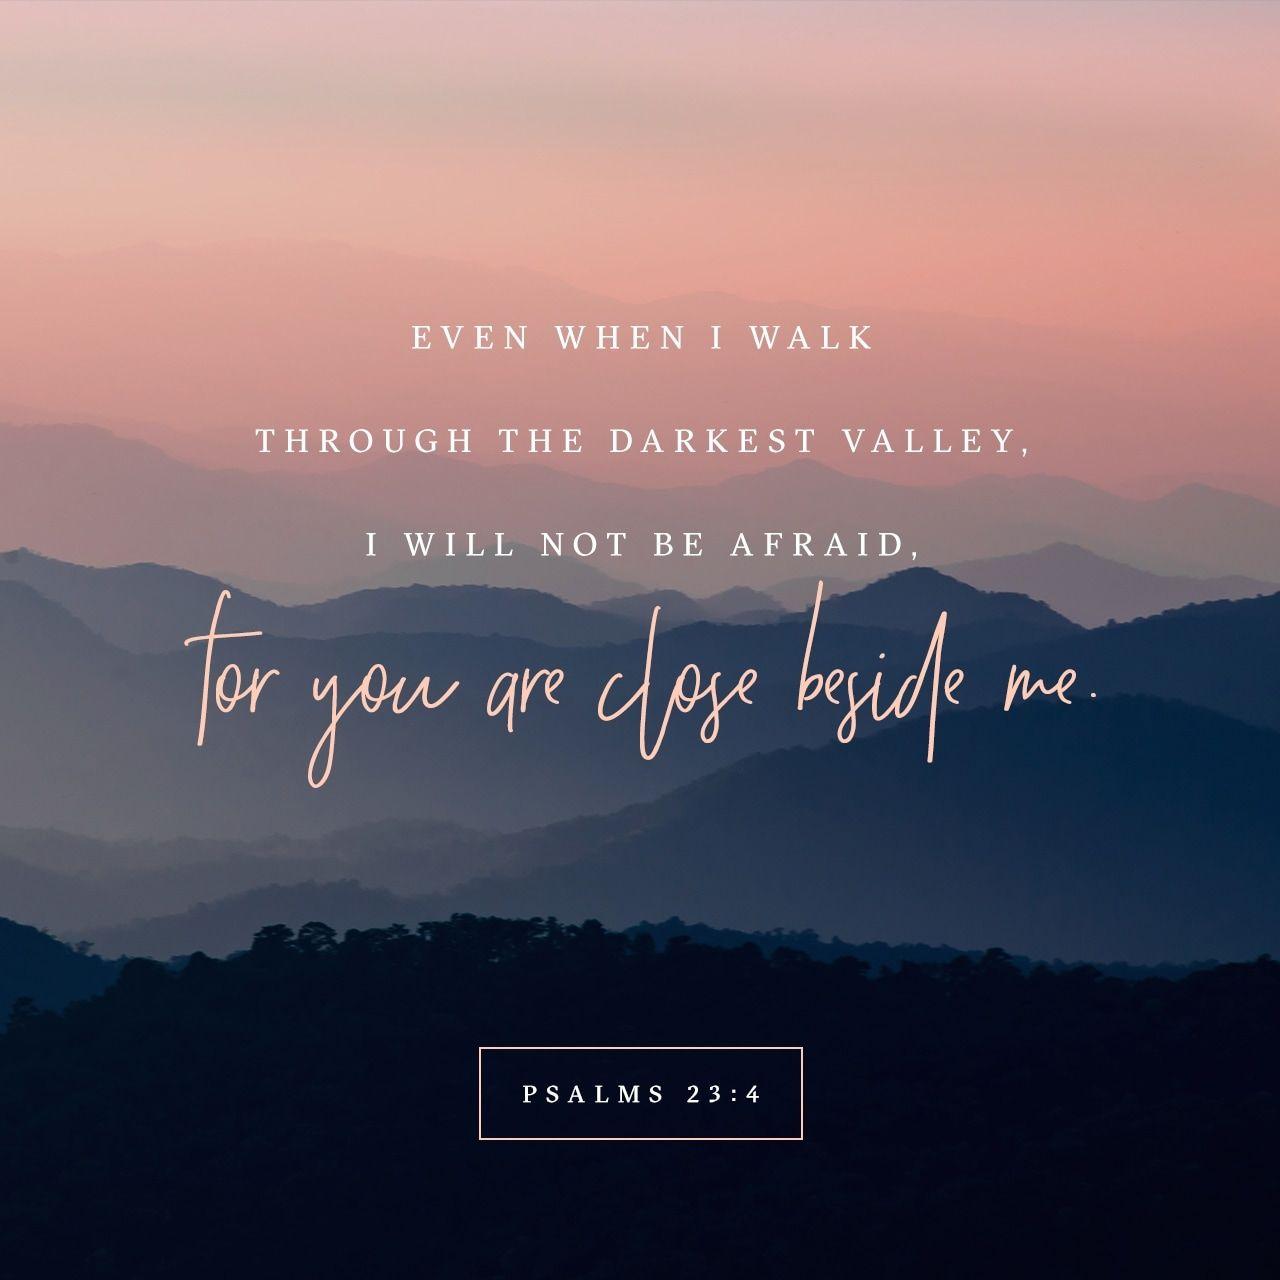 Even When I Walk Through The Darkest Valley I Will Not Be Afraid